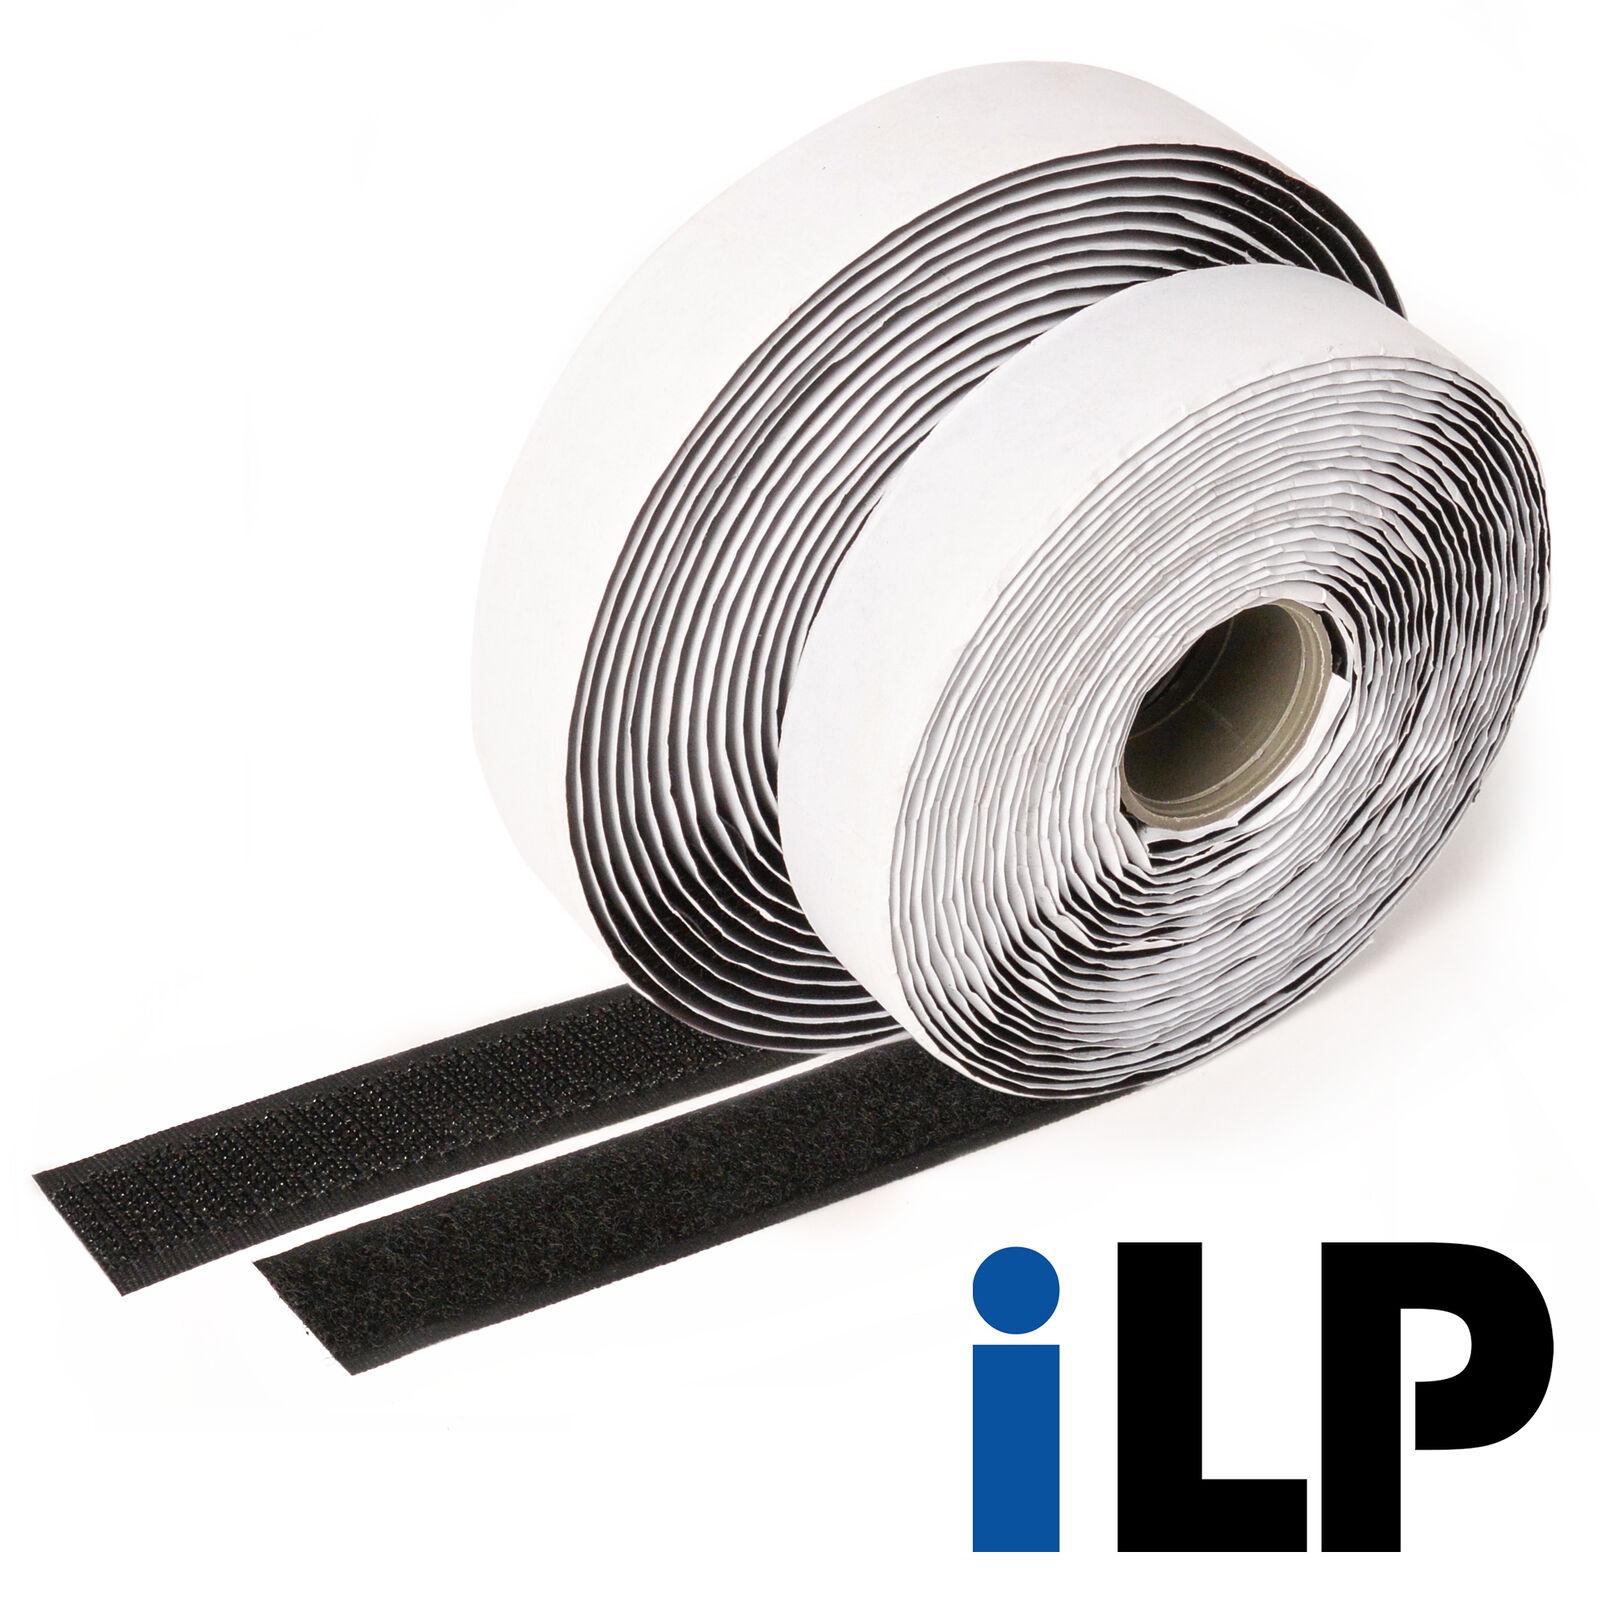 Klettband schwarz selbstklebend 5 Meter lang 20 mm breit extra starke Fixierung